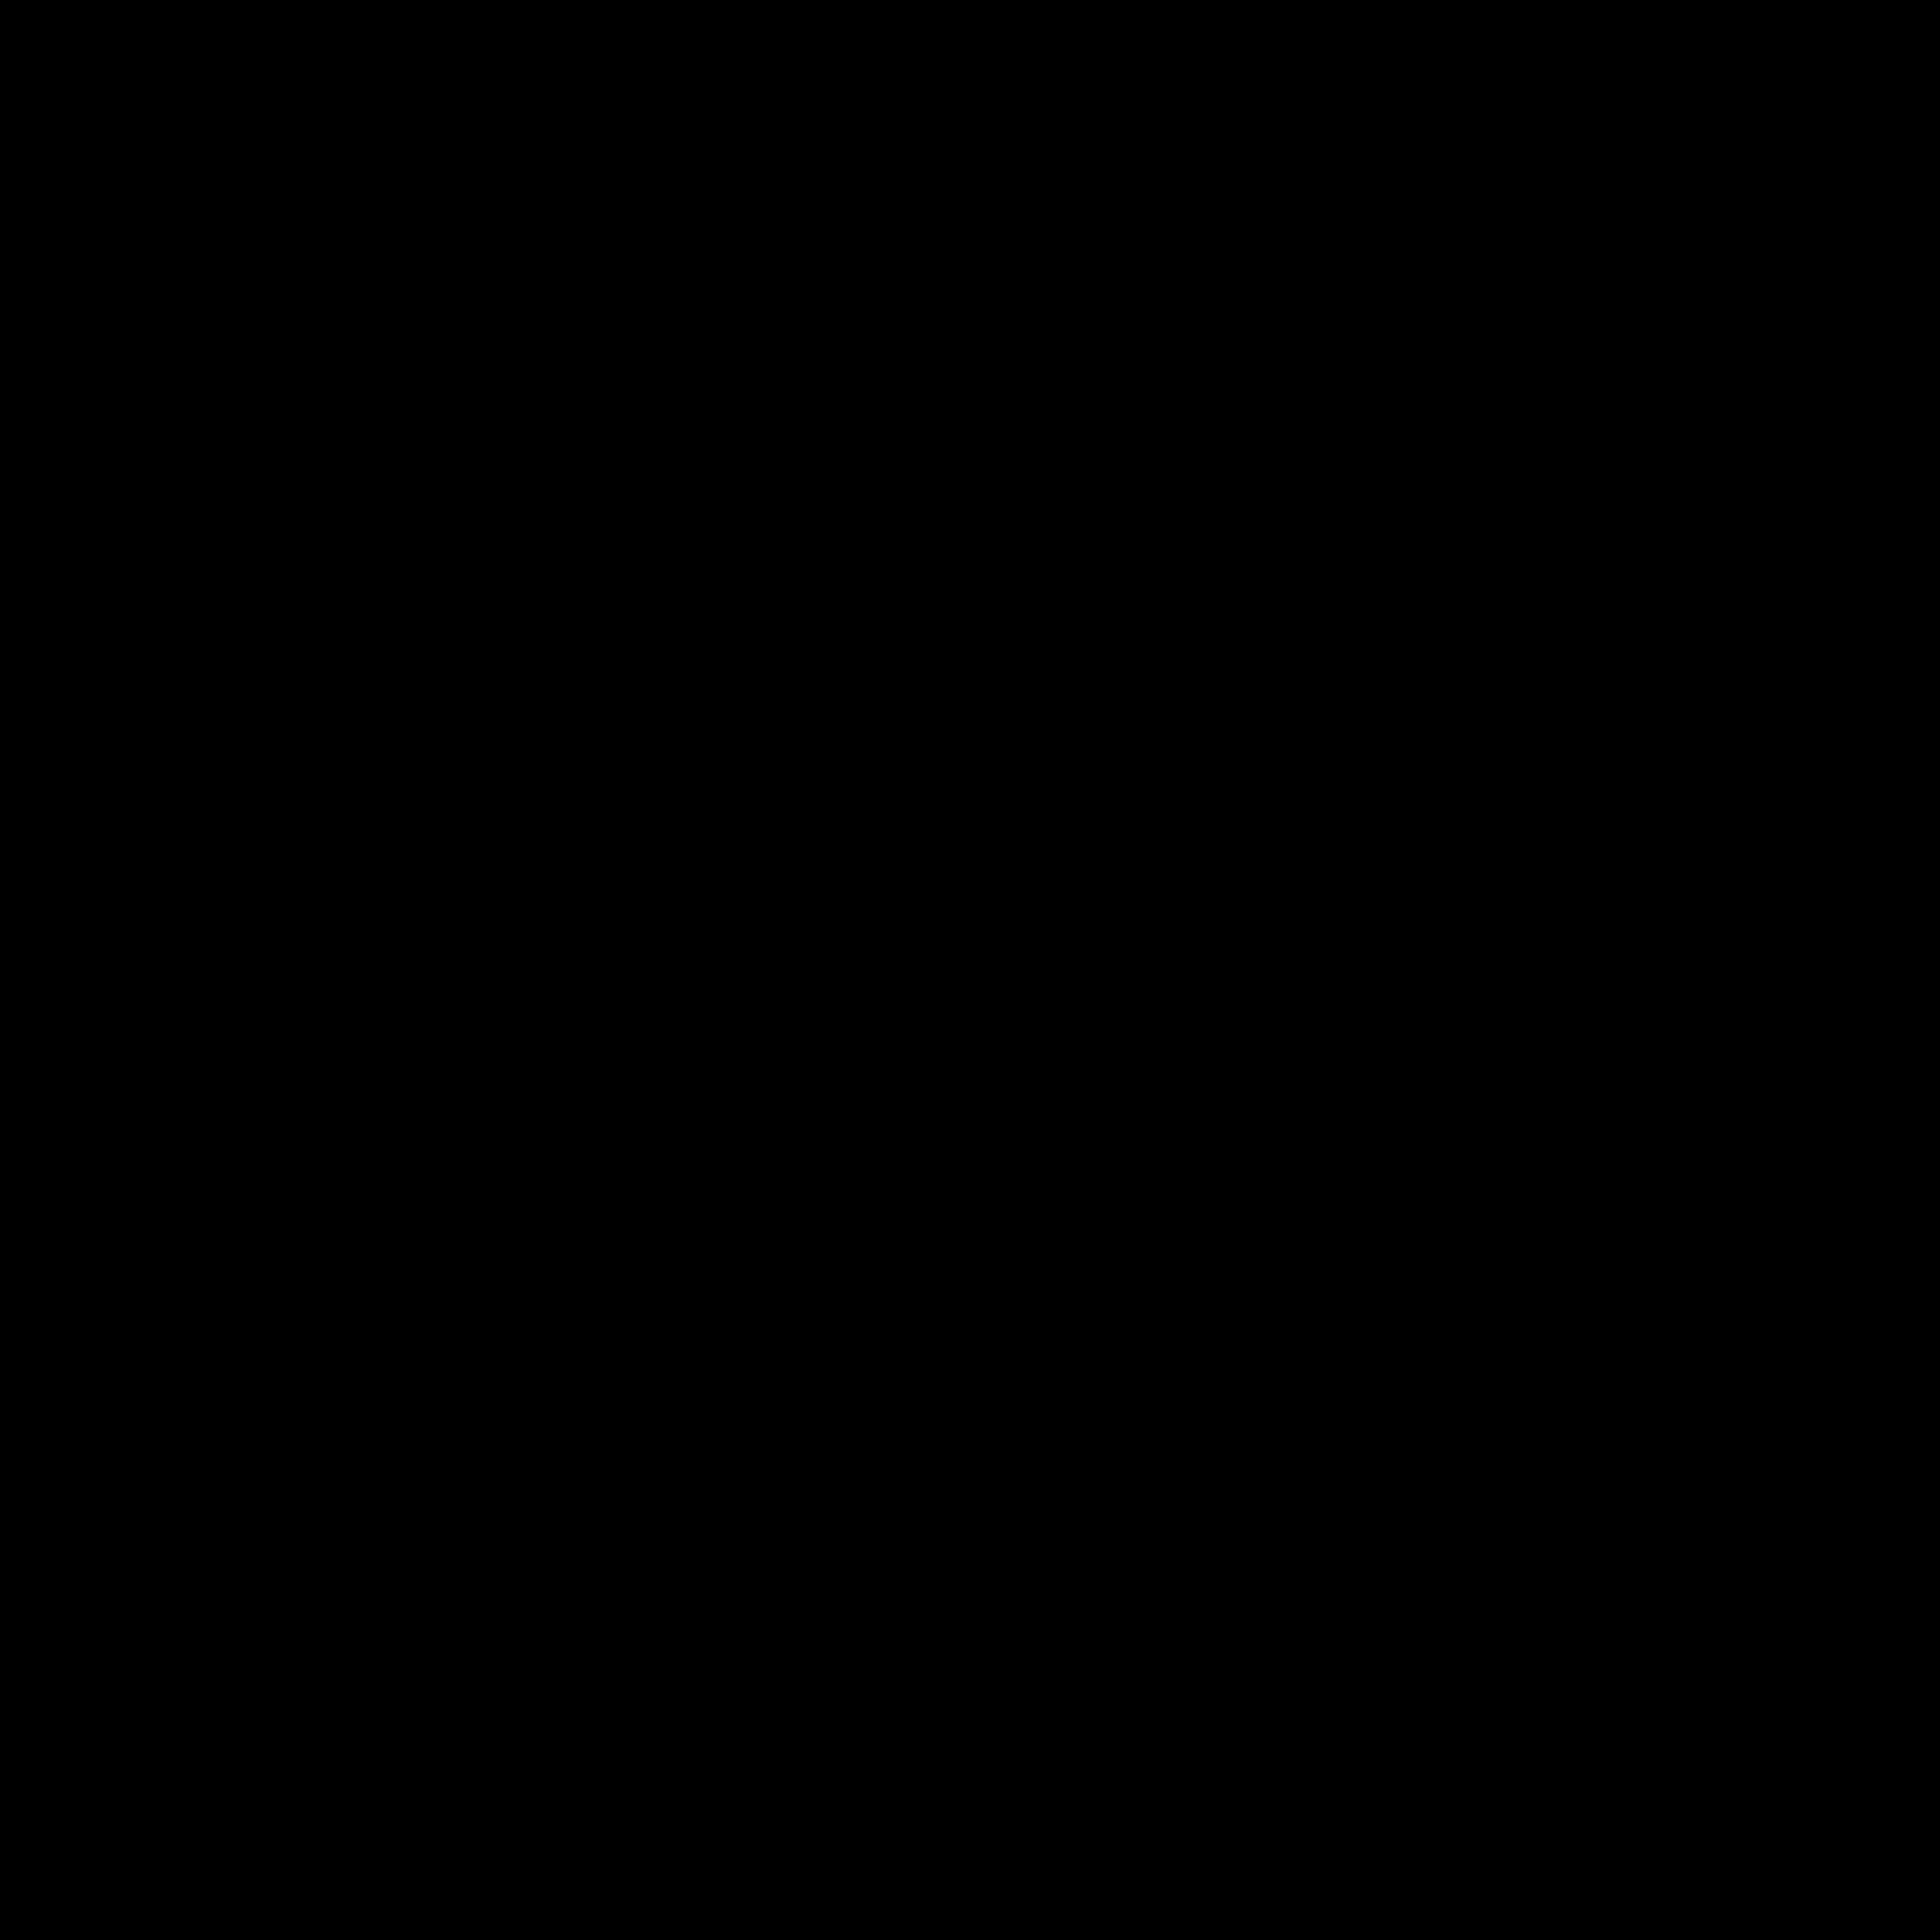 Naklejka na ścianę pies beagle 6